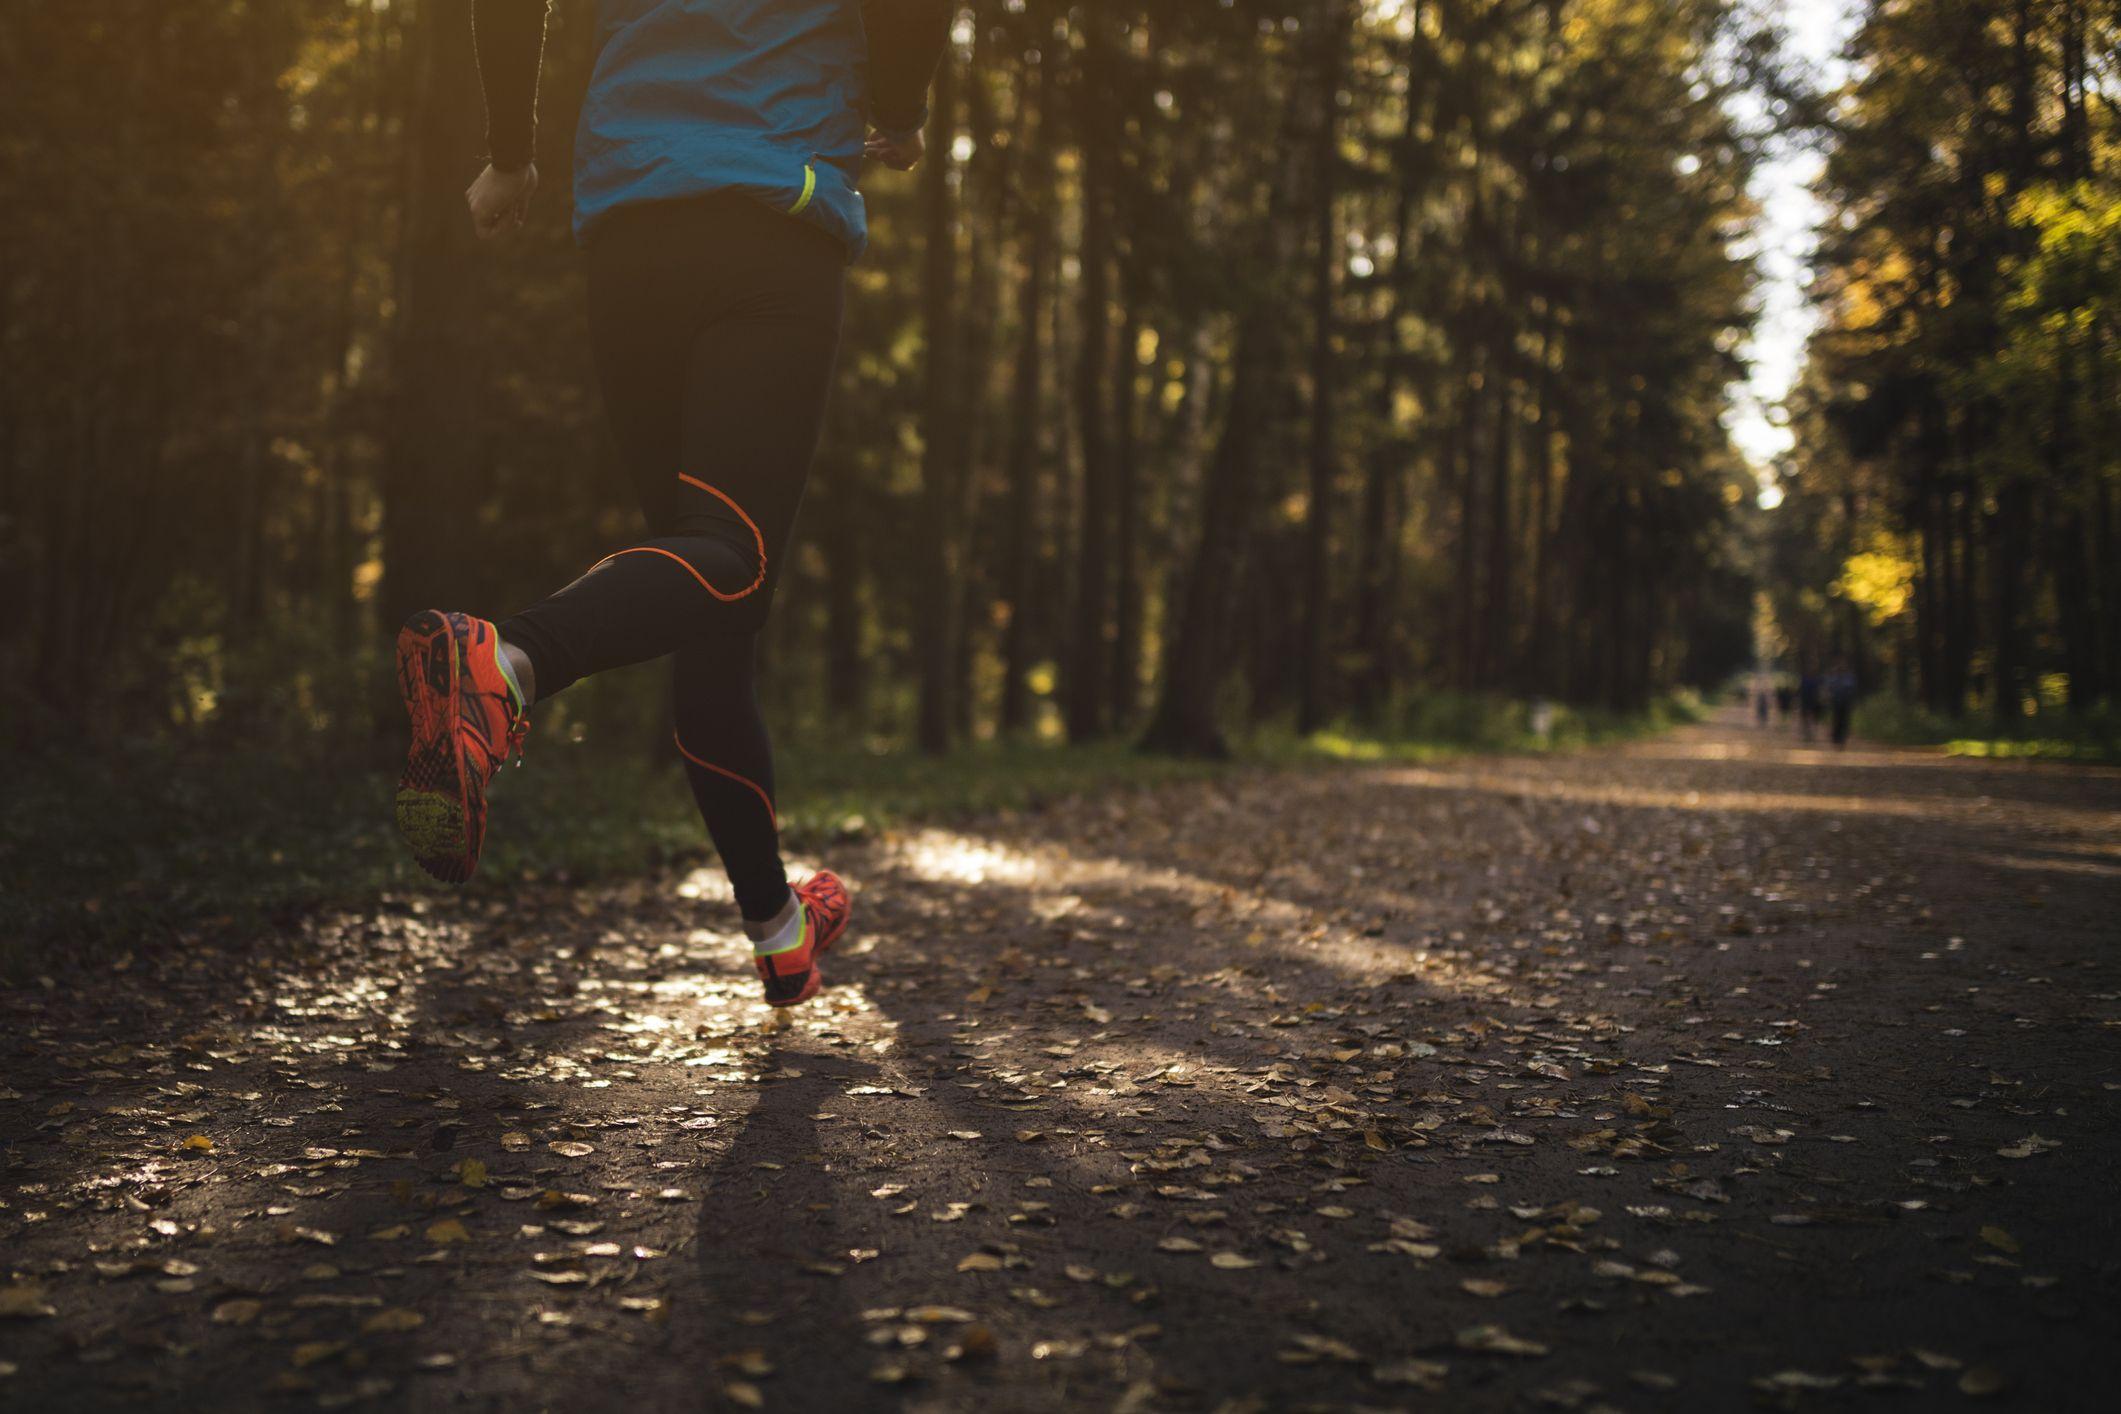 caminar 30 minutos al día te hace perder peso